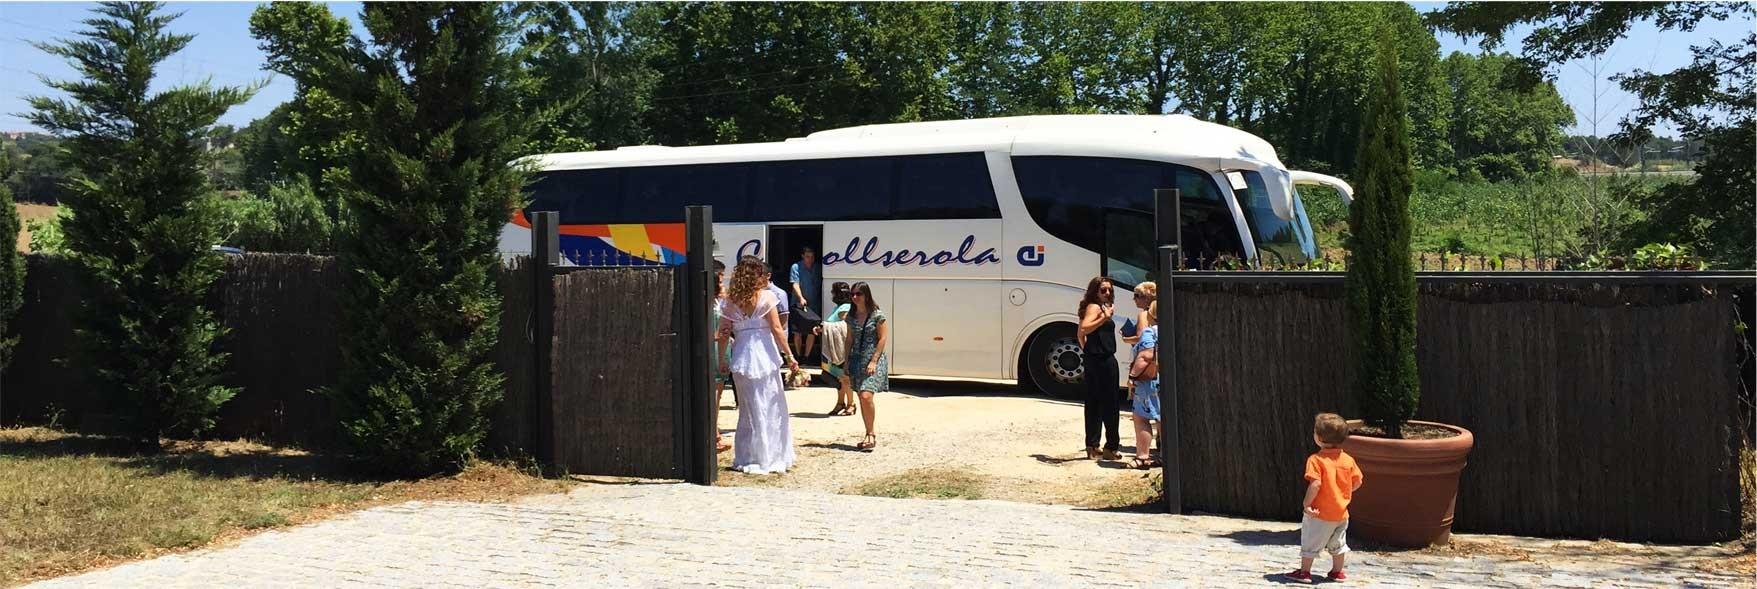 Una solución inteligente: llegada de invitados en autocar.